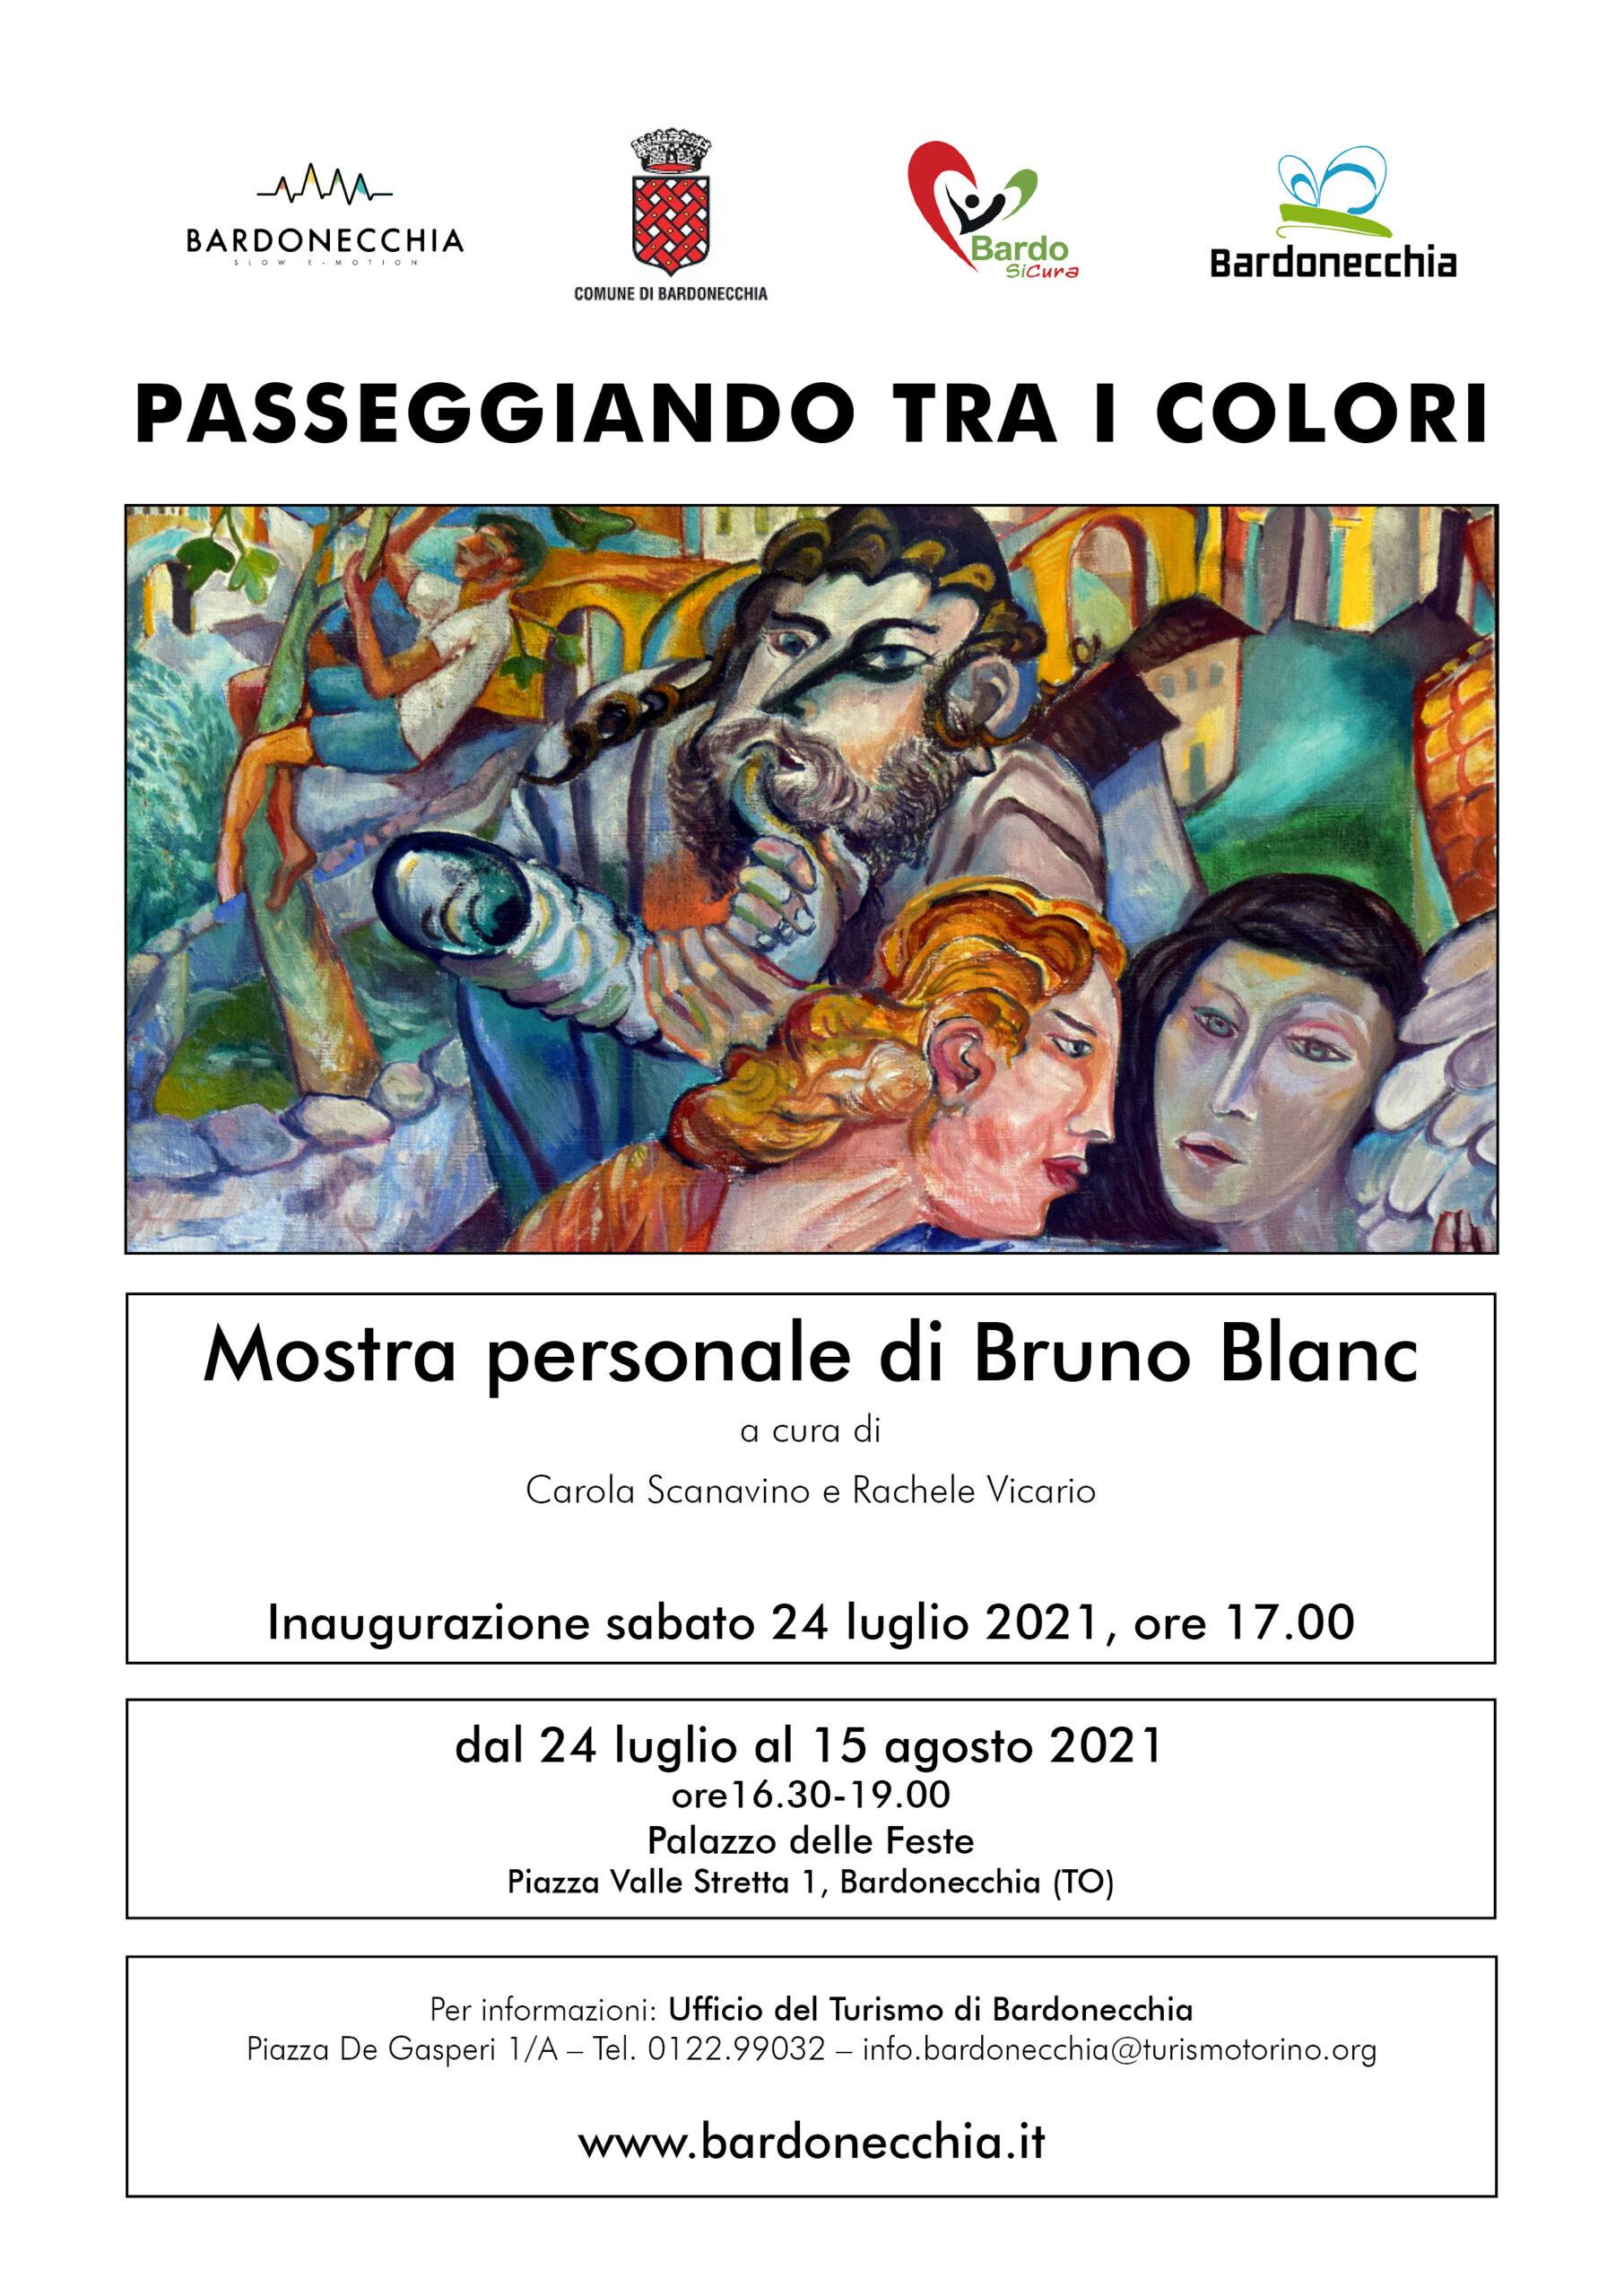 """""""PASSEGGIANDO TRA I COLORI"""". MOSTRA PERSONALE DI BRUNO BLANC ILLUSTRE ARTISTA-ARTIGIANO BARDONECCHIESE"""